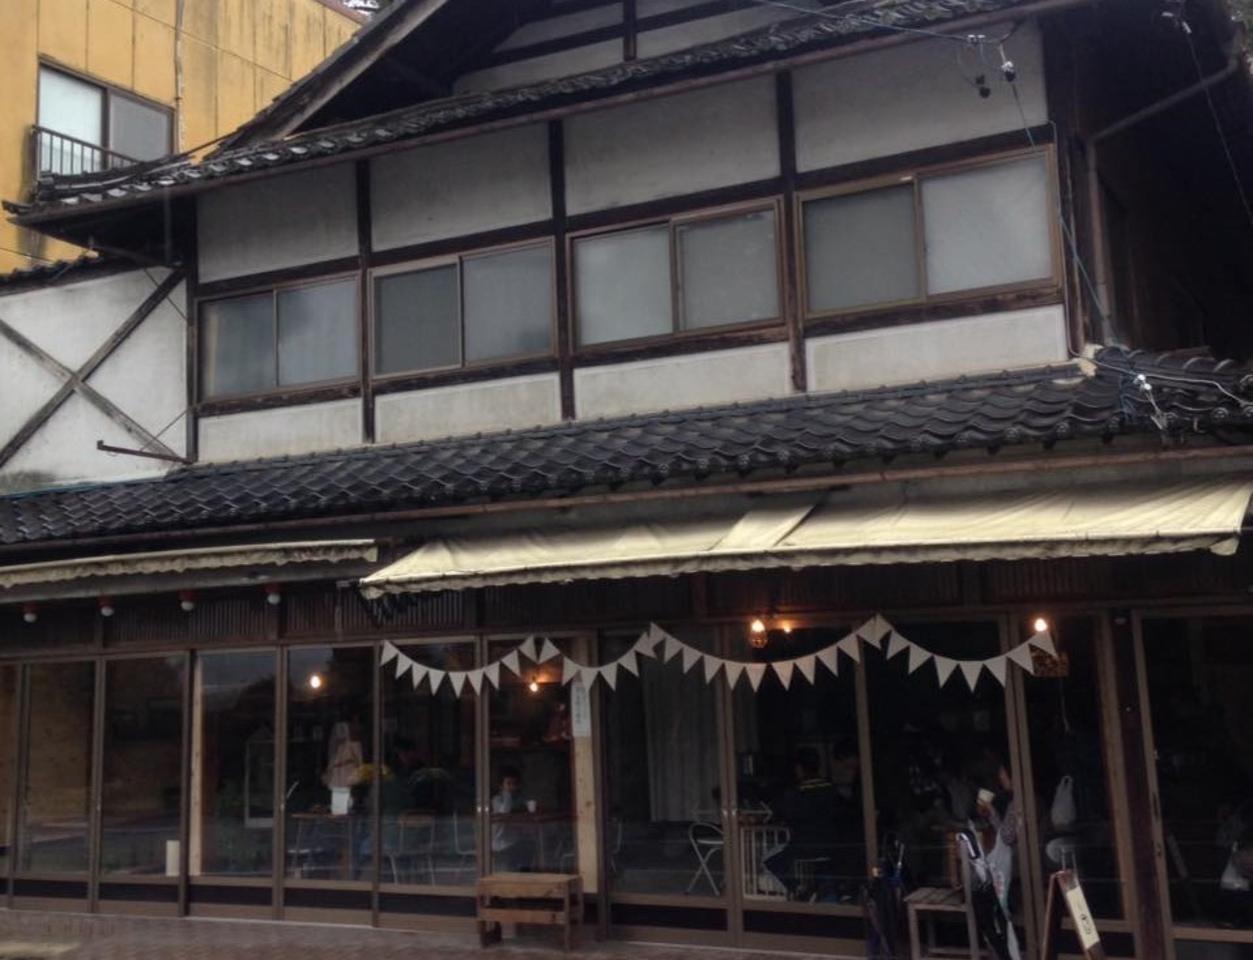 開業80年余の土産物店天竜堂を再生...『テンリュウ堂』